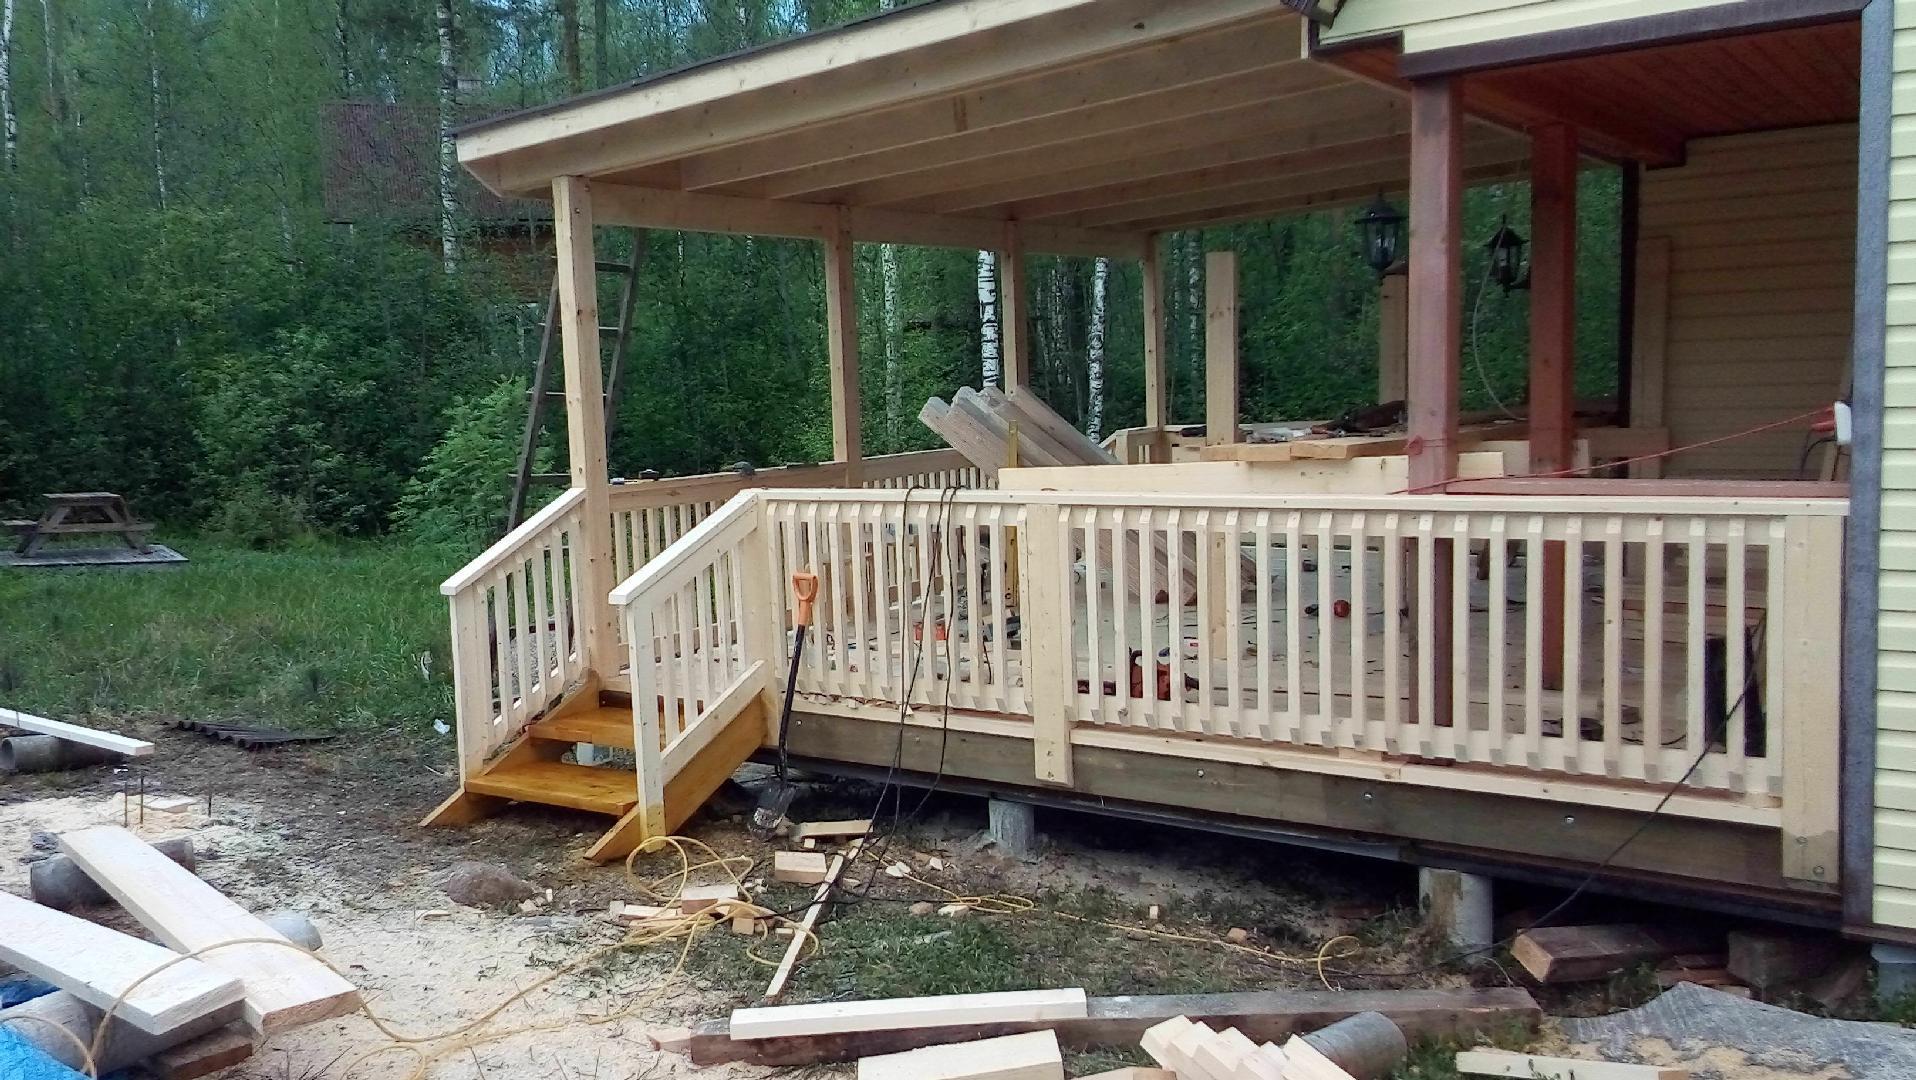 Как пристроить террасу к дому - технология строительства и монтажа. 130 фото красивых террас